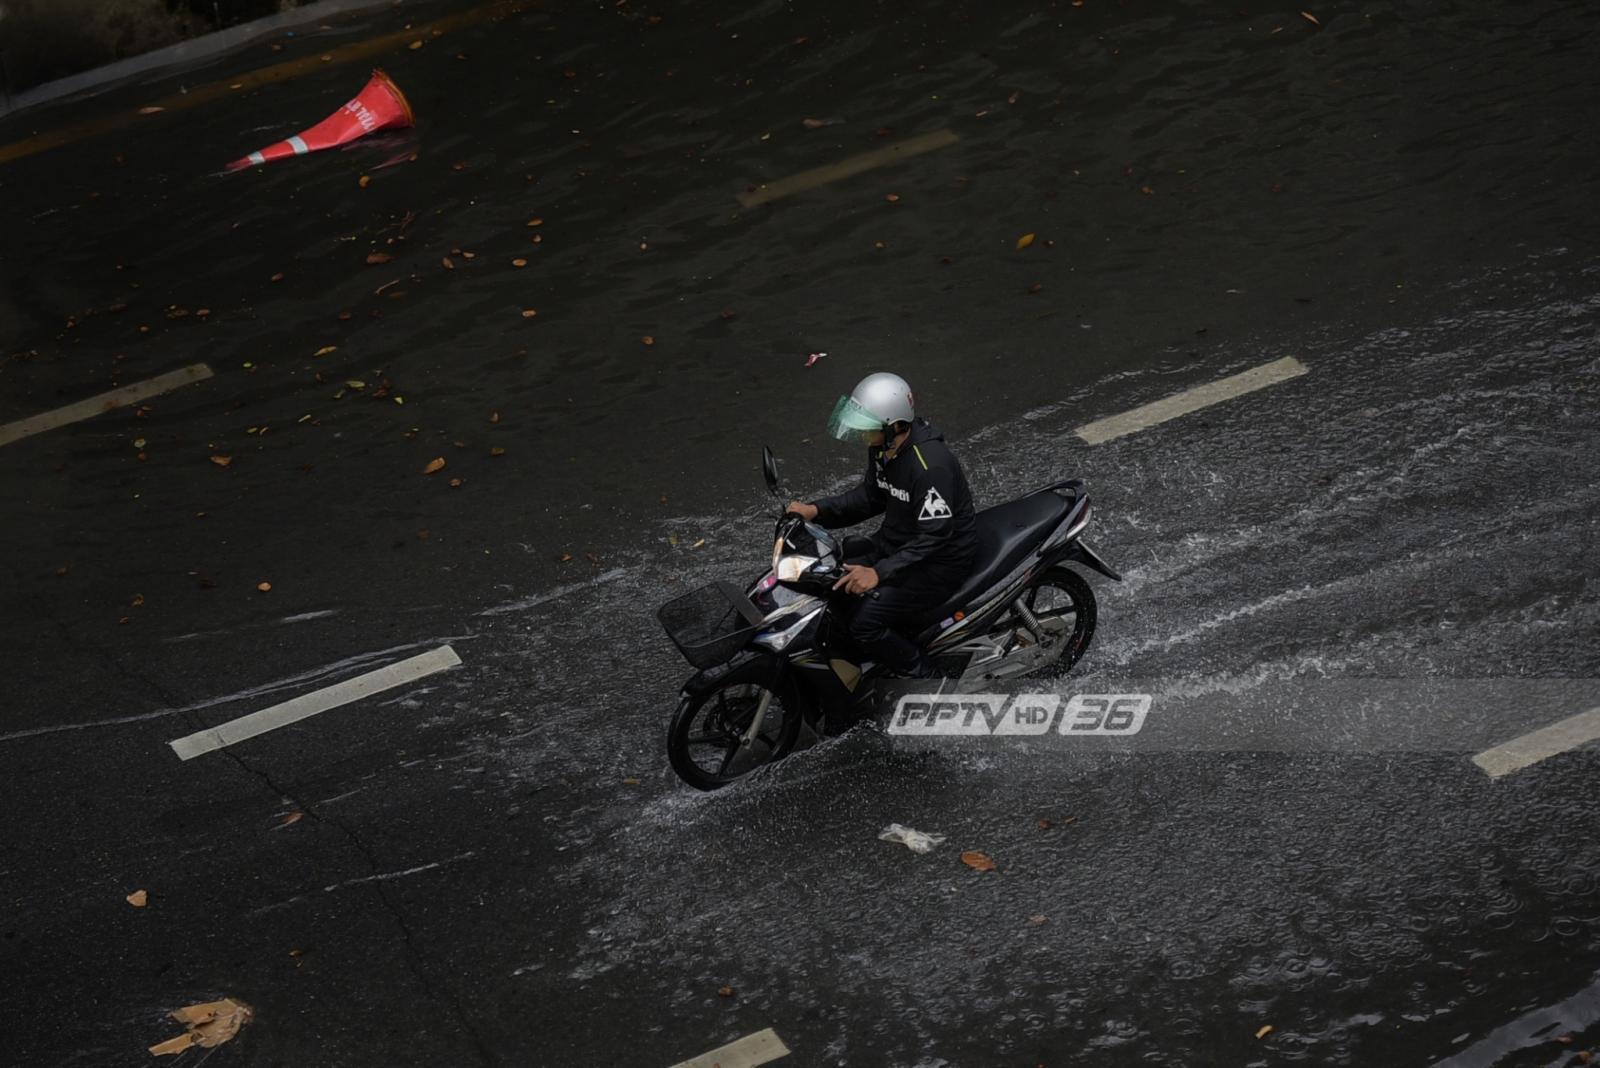 ฝนถล่มกรุง น้ำทะลักท่วมถนน ทำจราจรติดขัดหลายจุด